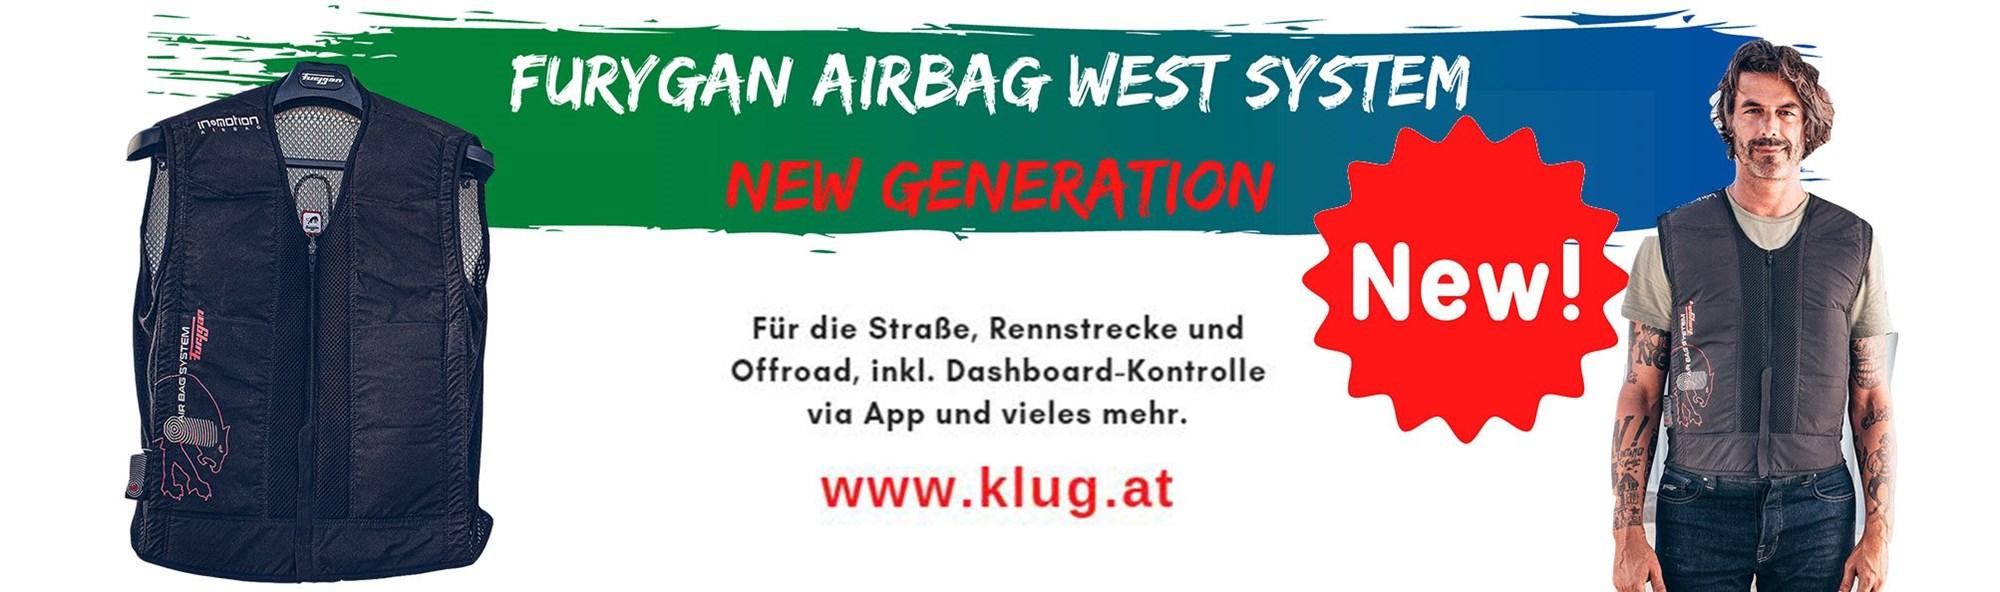 Furygan Airbag West System